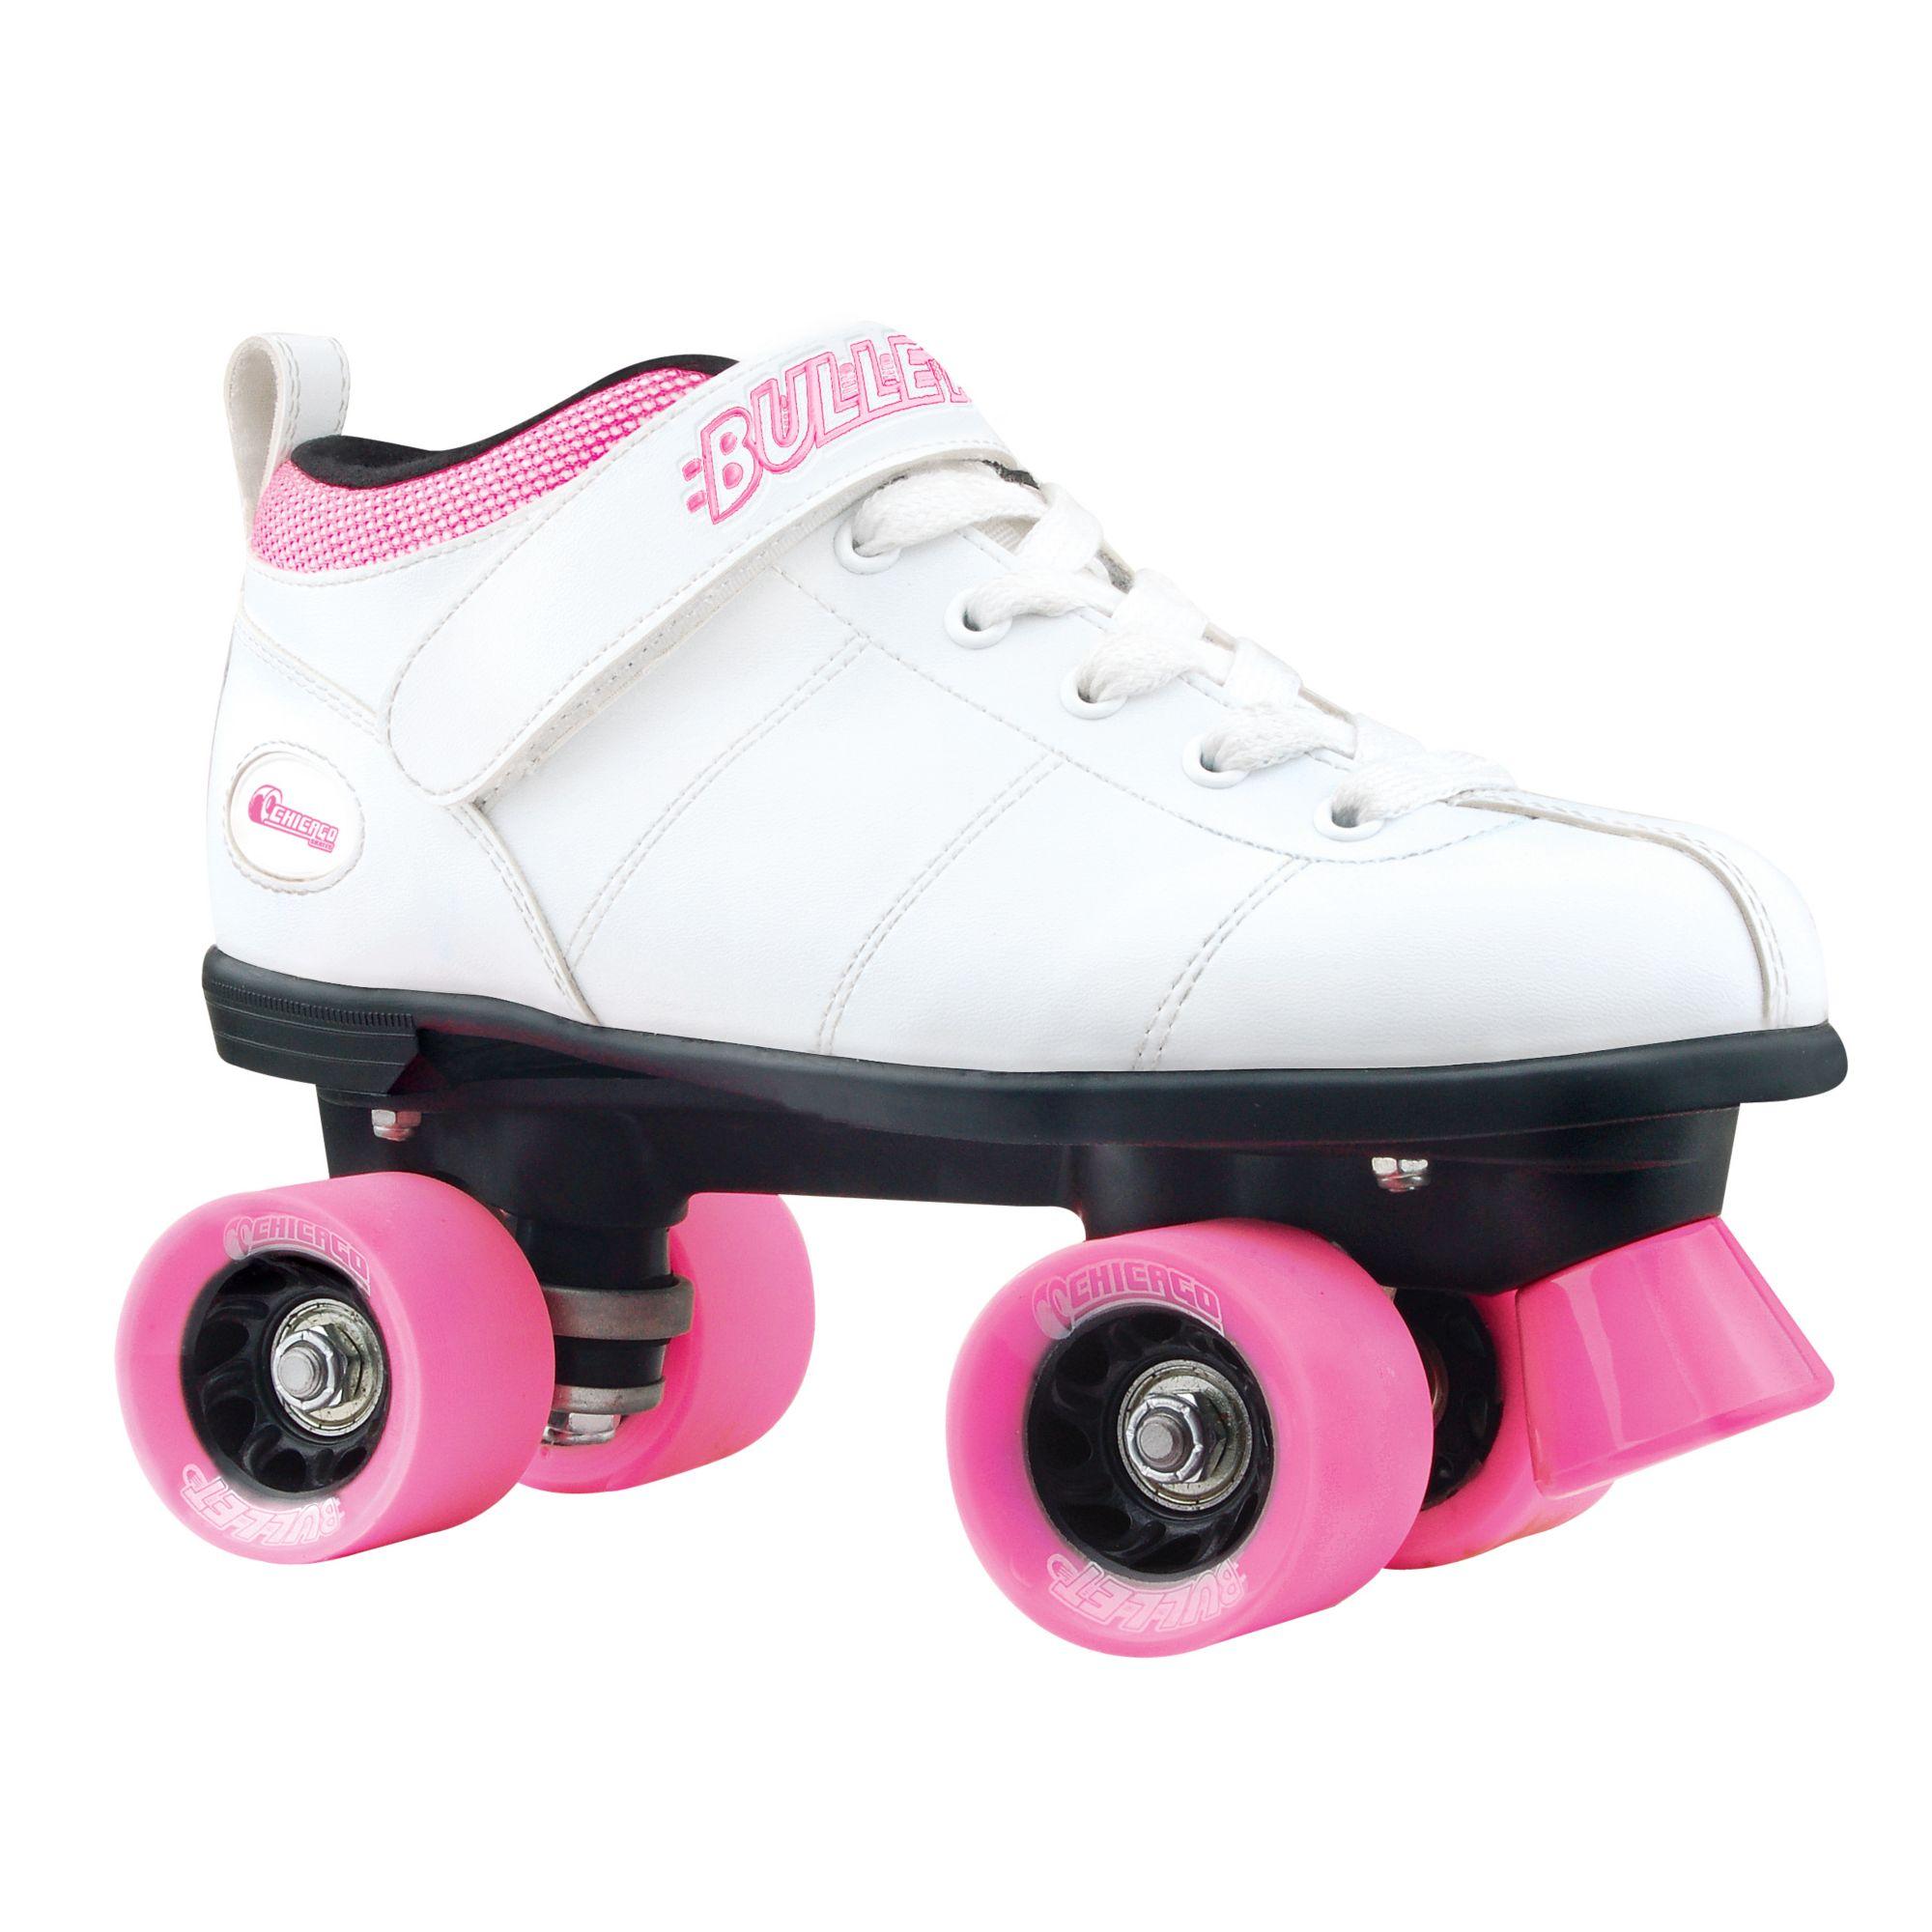 Roller skating omaha - Noimagefound